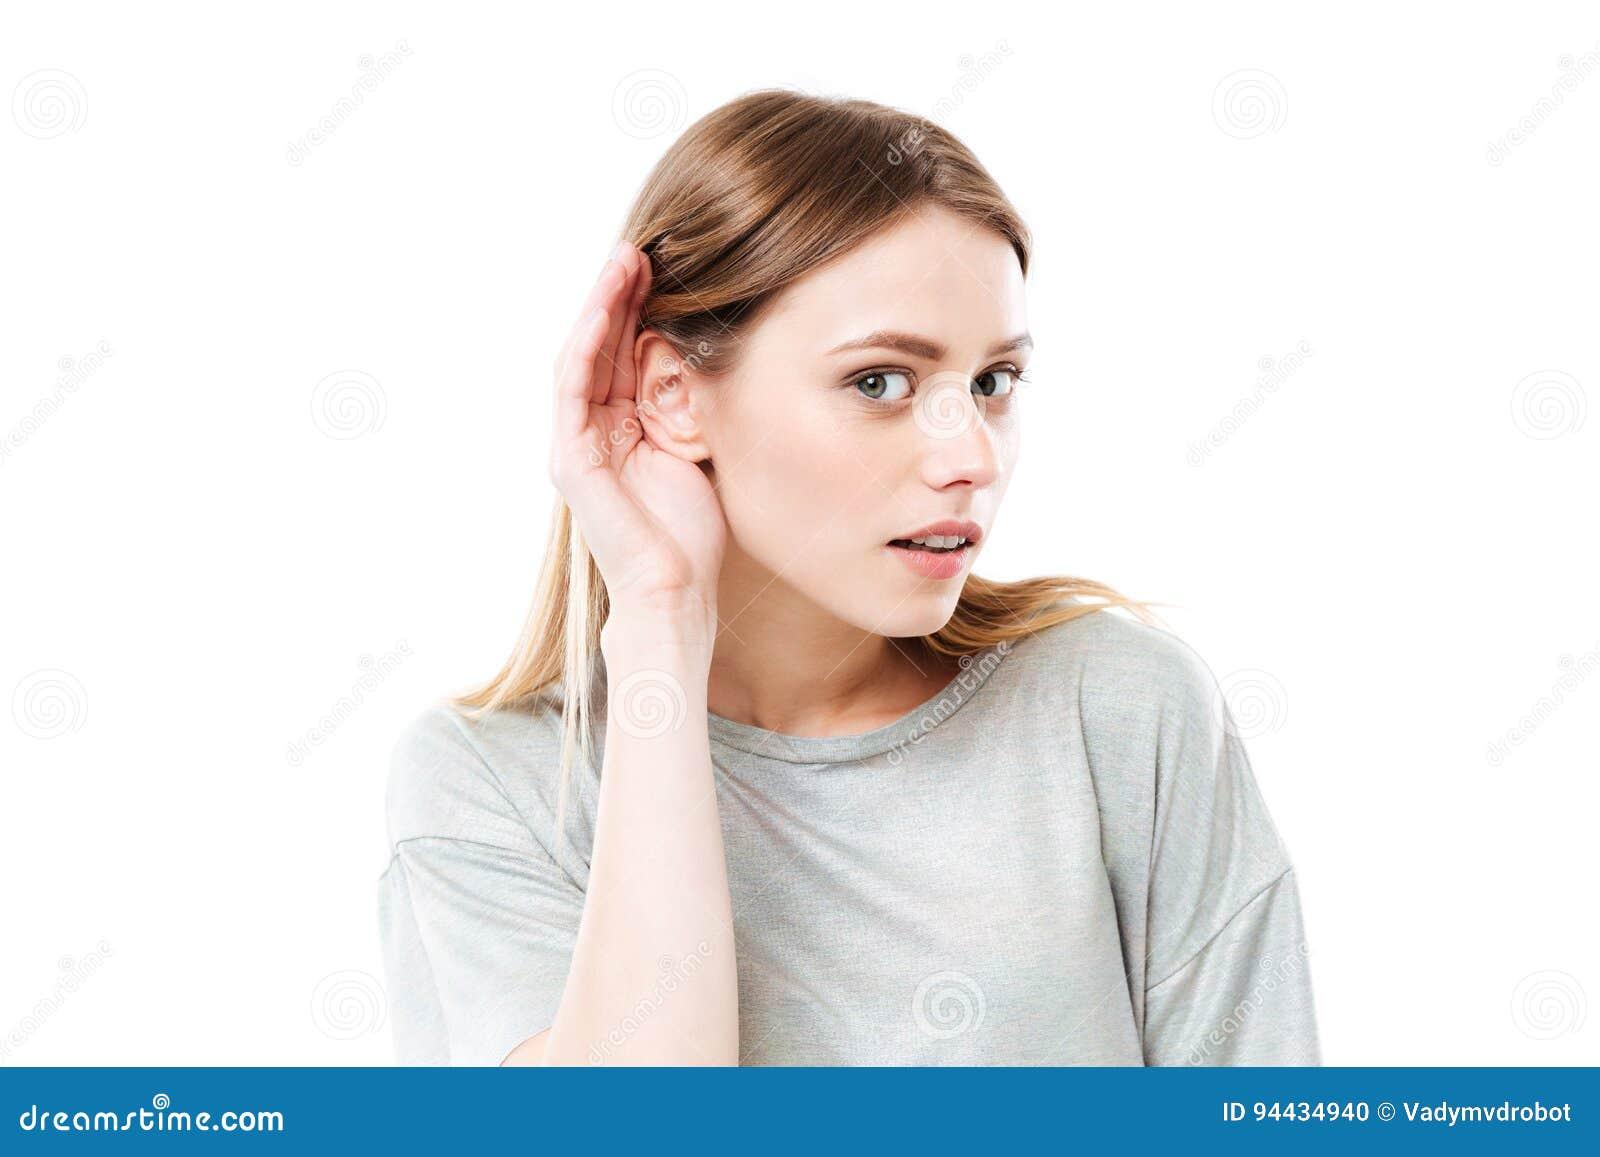 Portret van een jong nieuwsgierig meisje die geruchten proberen te horen